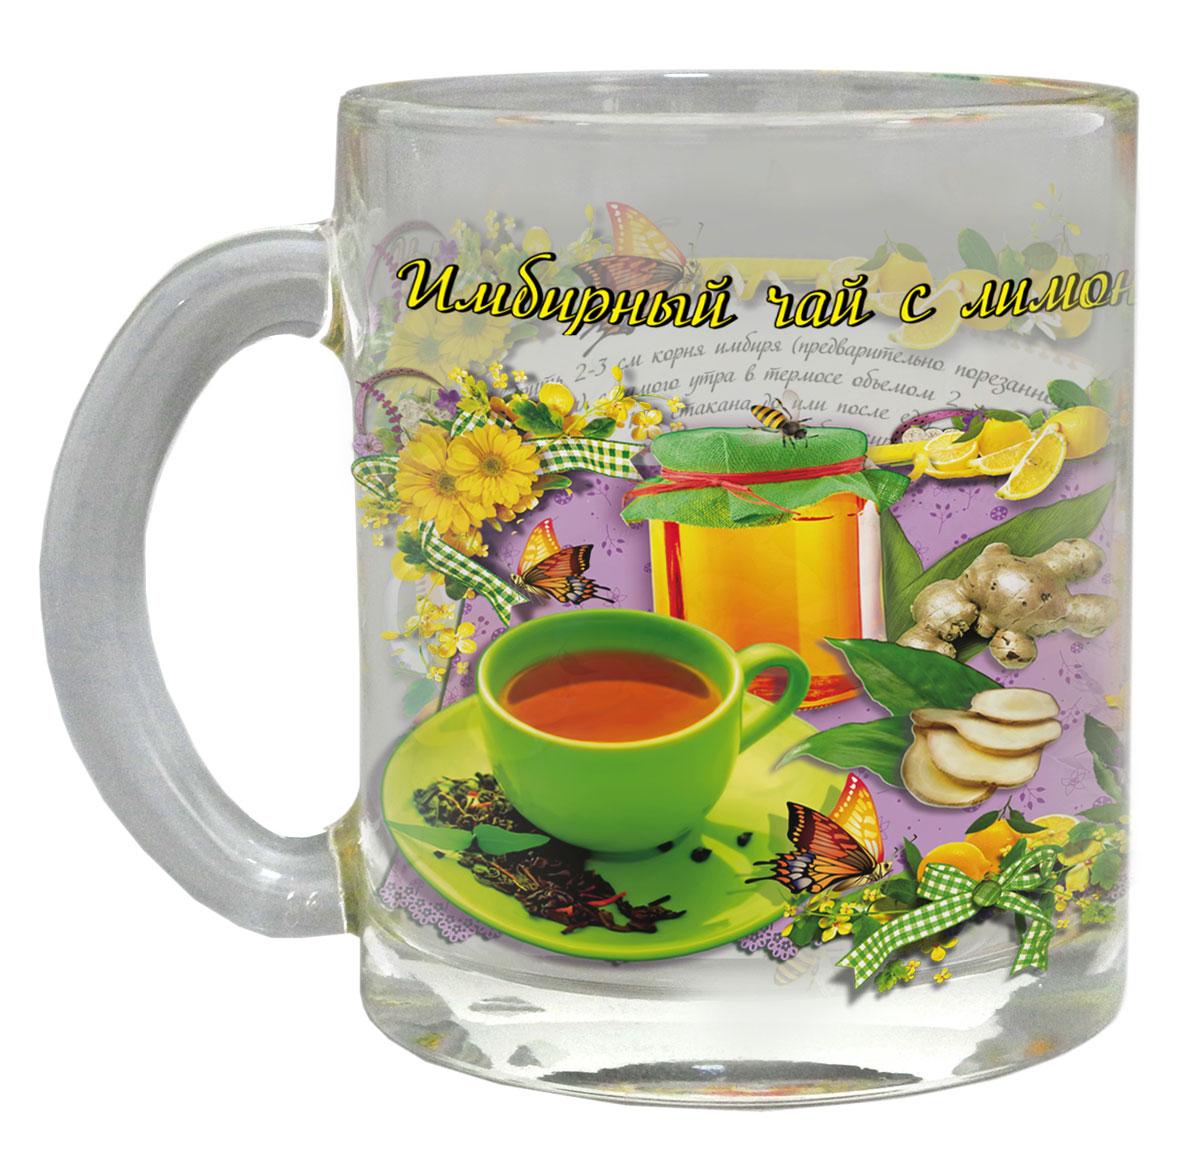 Кружка Квестор Имбирный чай с лимоном, 320 мл451577Кружка Имбирный чай с лимоном выполнена из стекла. Внешняя сторона оформлена оригинальным рисунком и надписью.Кружка сочетает в себе оригинальный дизайн и функциональность. Благодаря такой кружке пить напитки будет еще вкуснее.